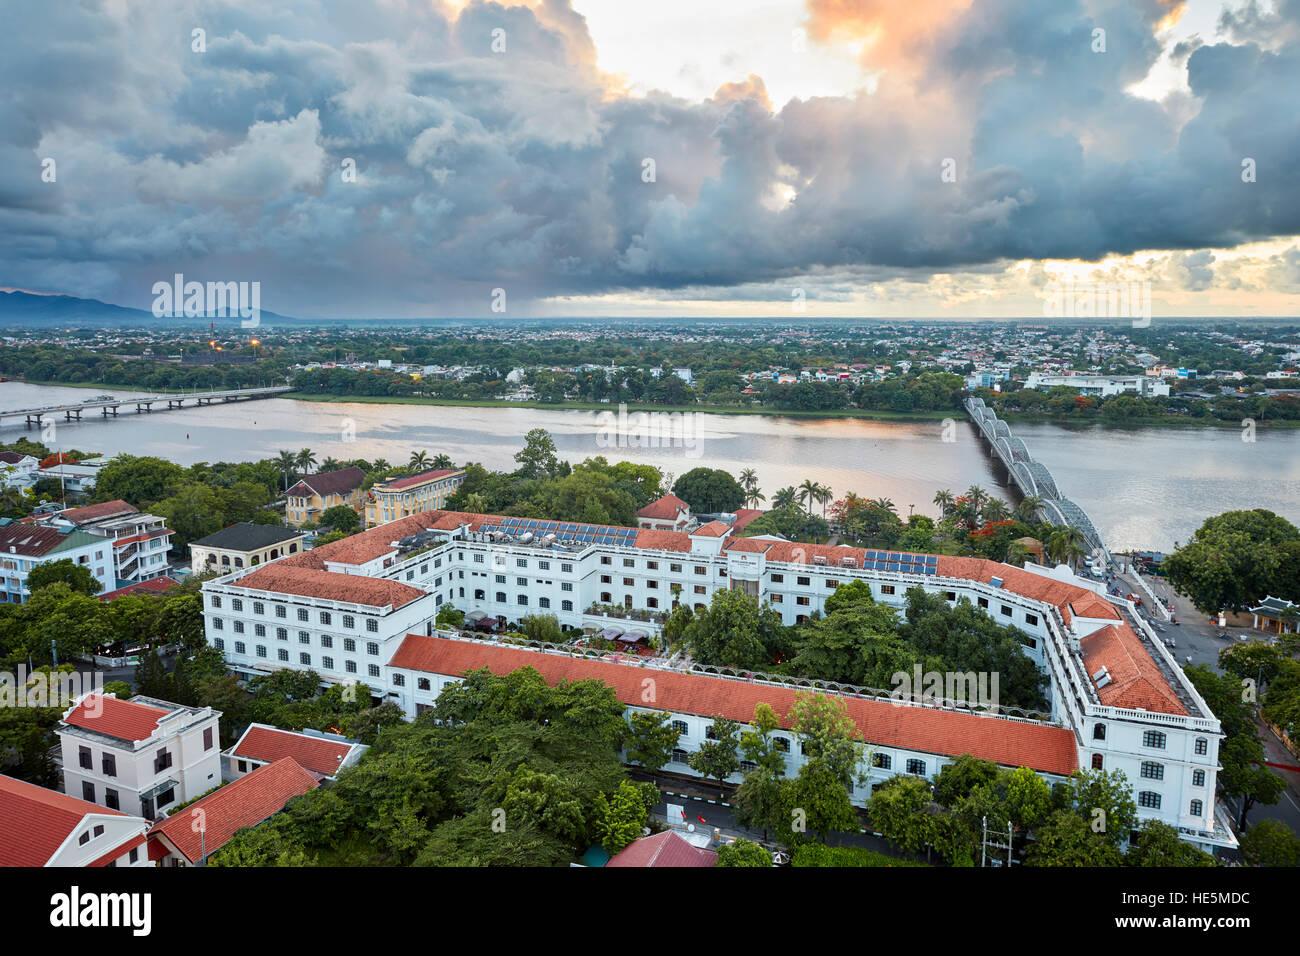 Vista elevada del hotel Saigon Morin. Hue, Vietnam. Foto de stock